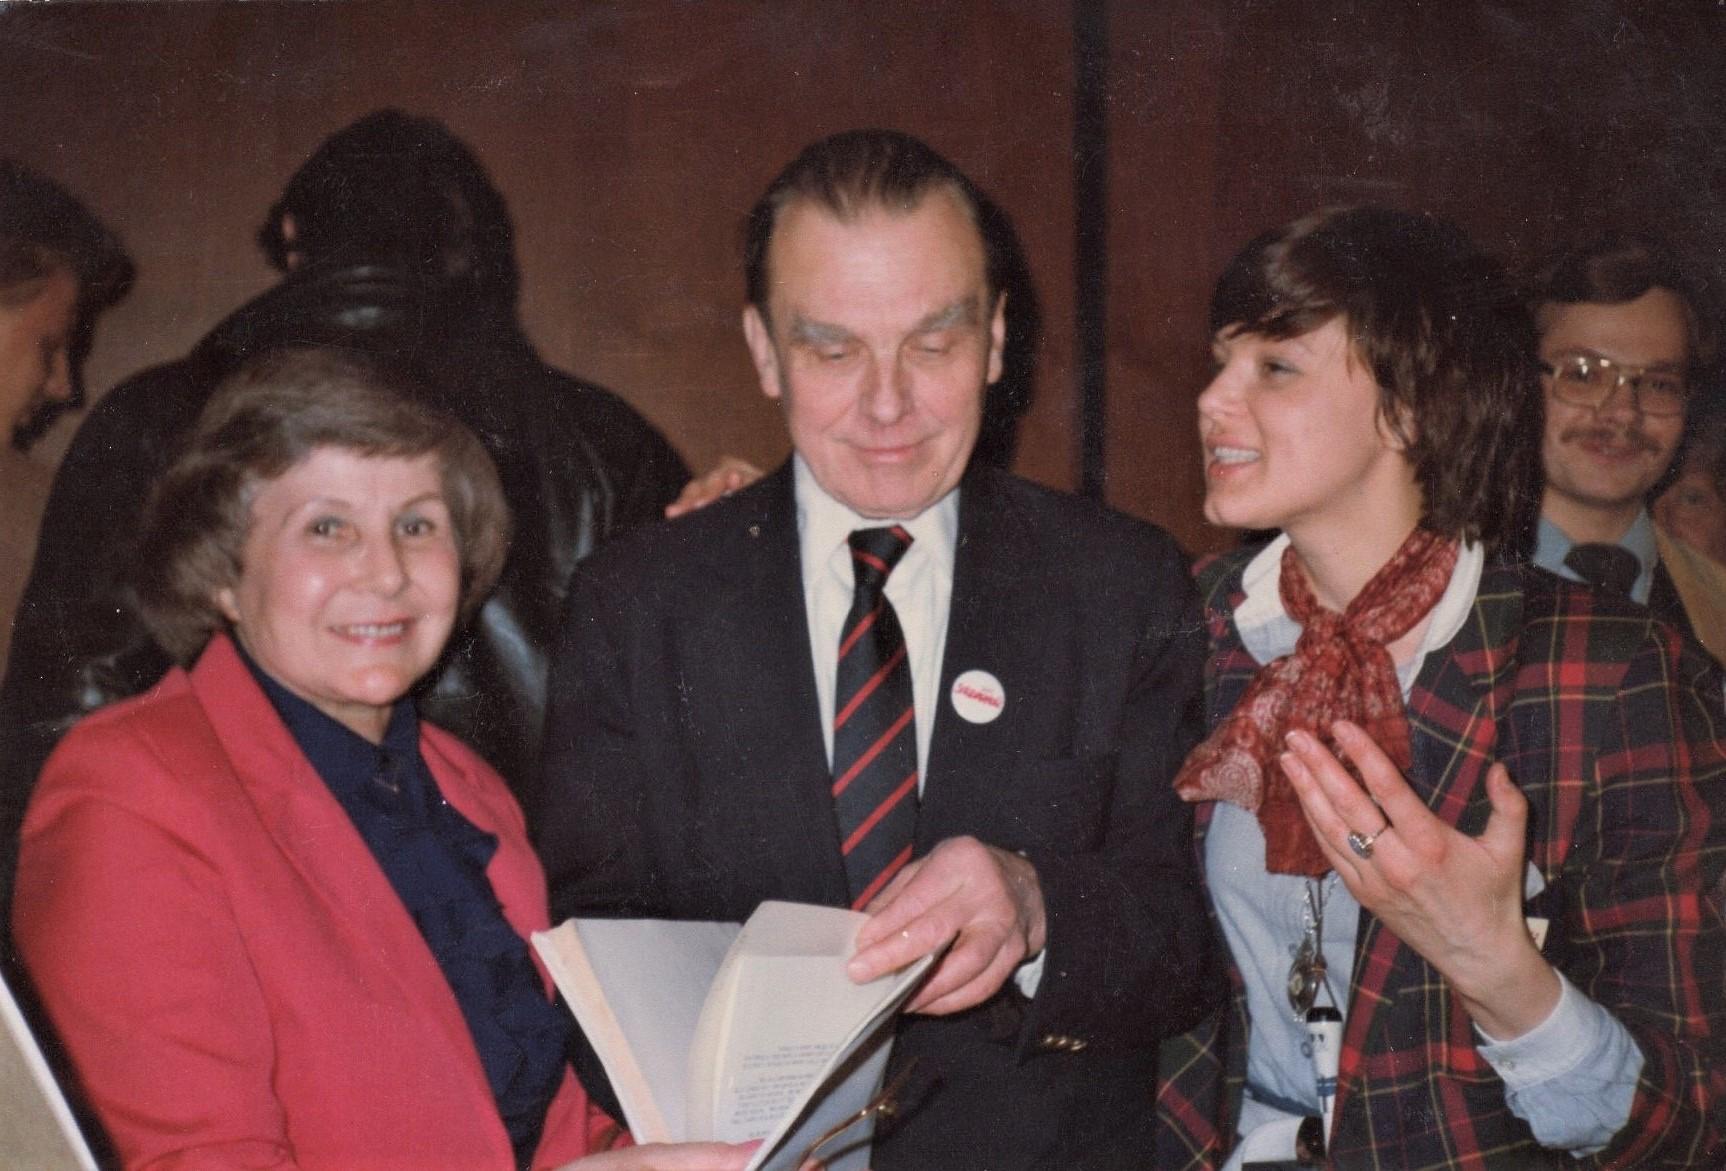 J. Švabaitė su Č. Milošu ir V. Rakauskaite-Štromiene. JAV, 1985 m.